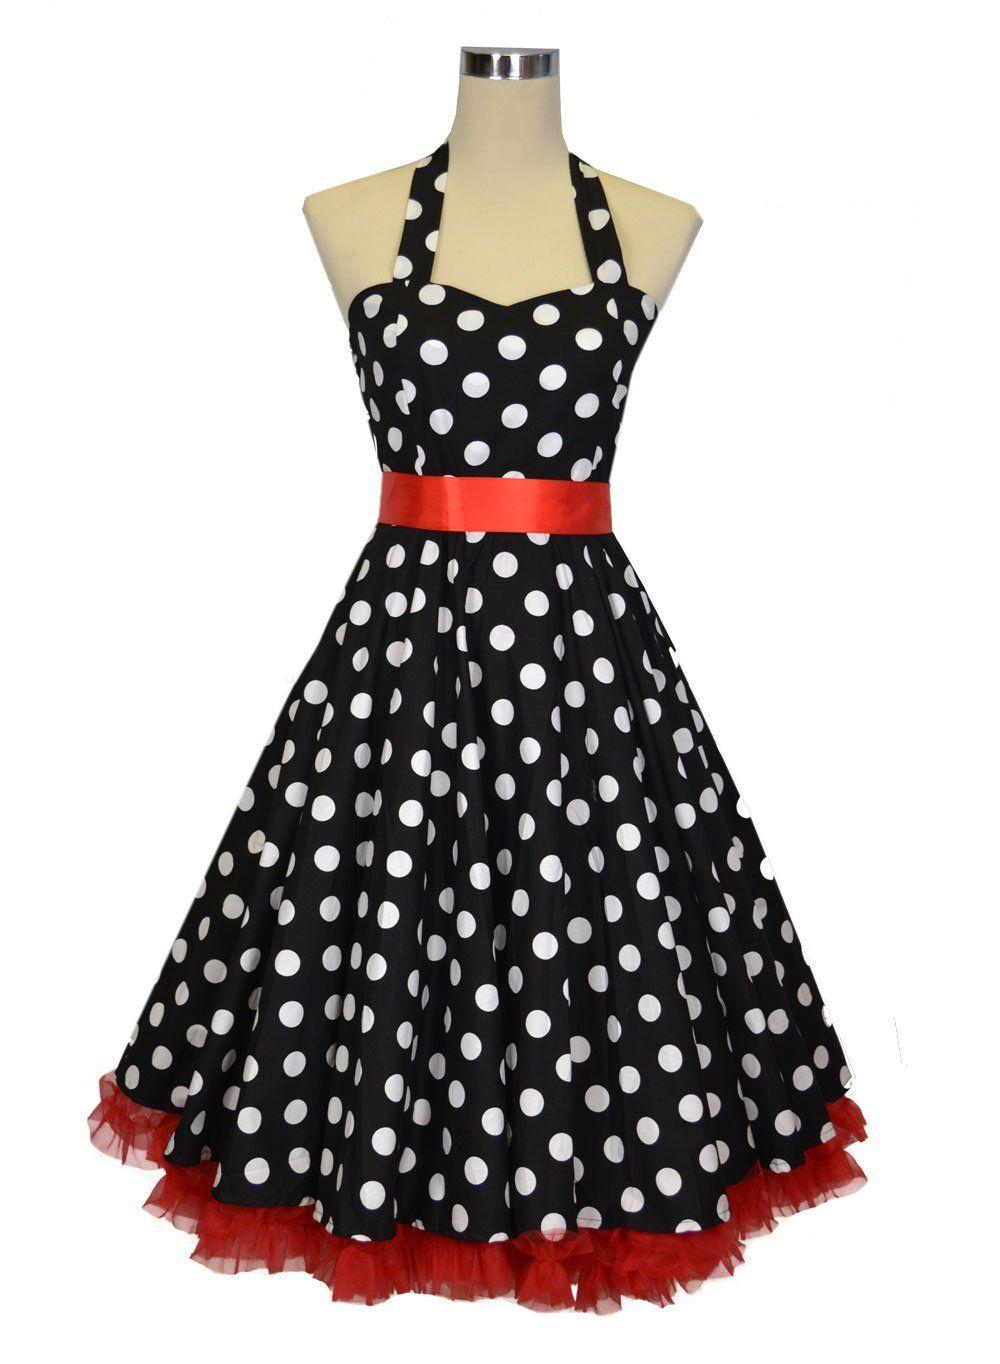 robe de bal style ann es 50 rockabilly swing couleur noire pois blancs avec boucle en